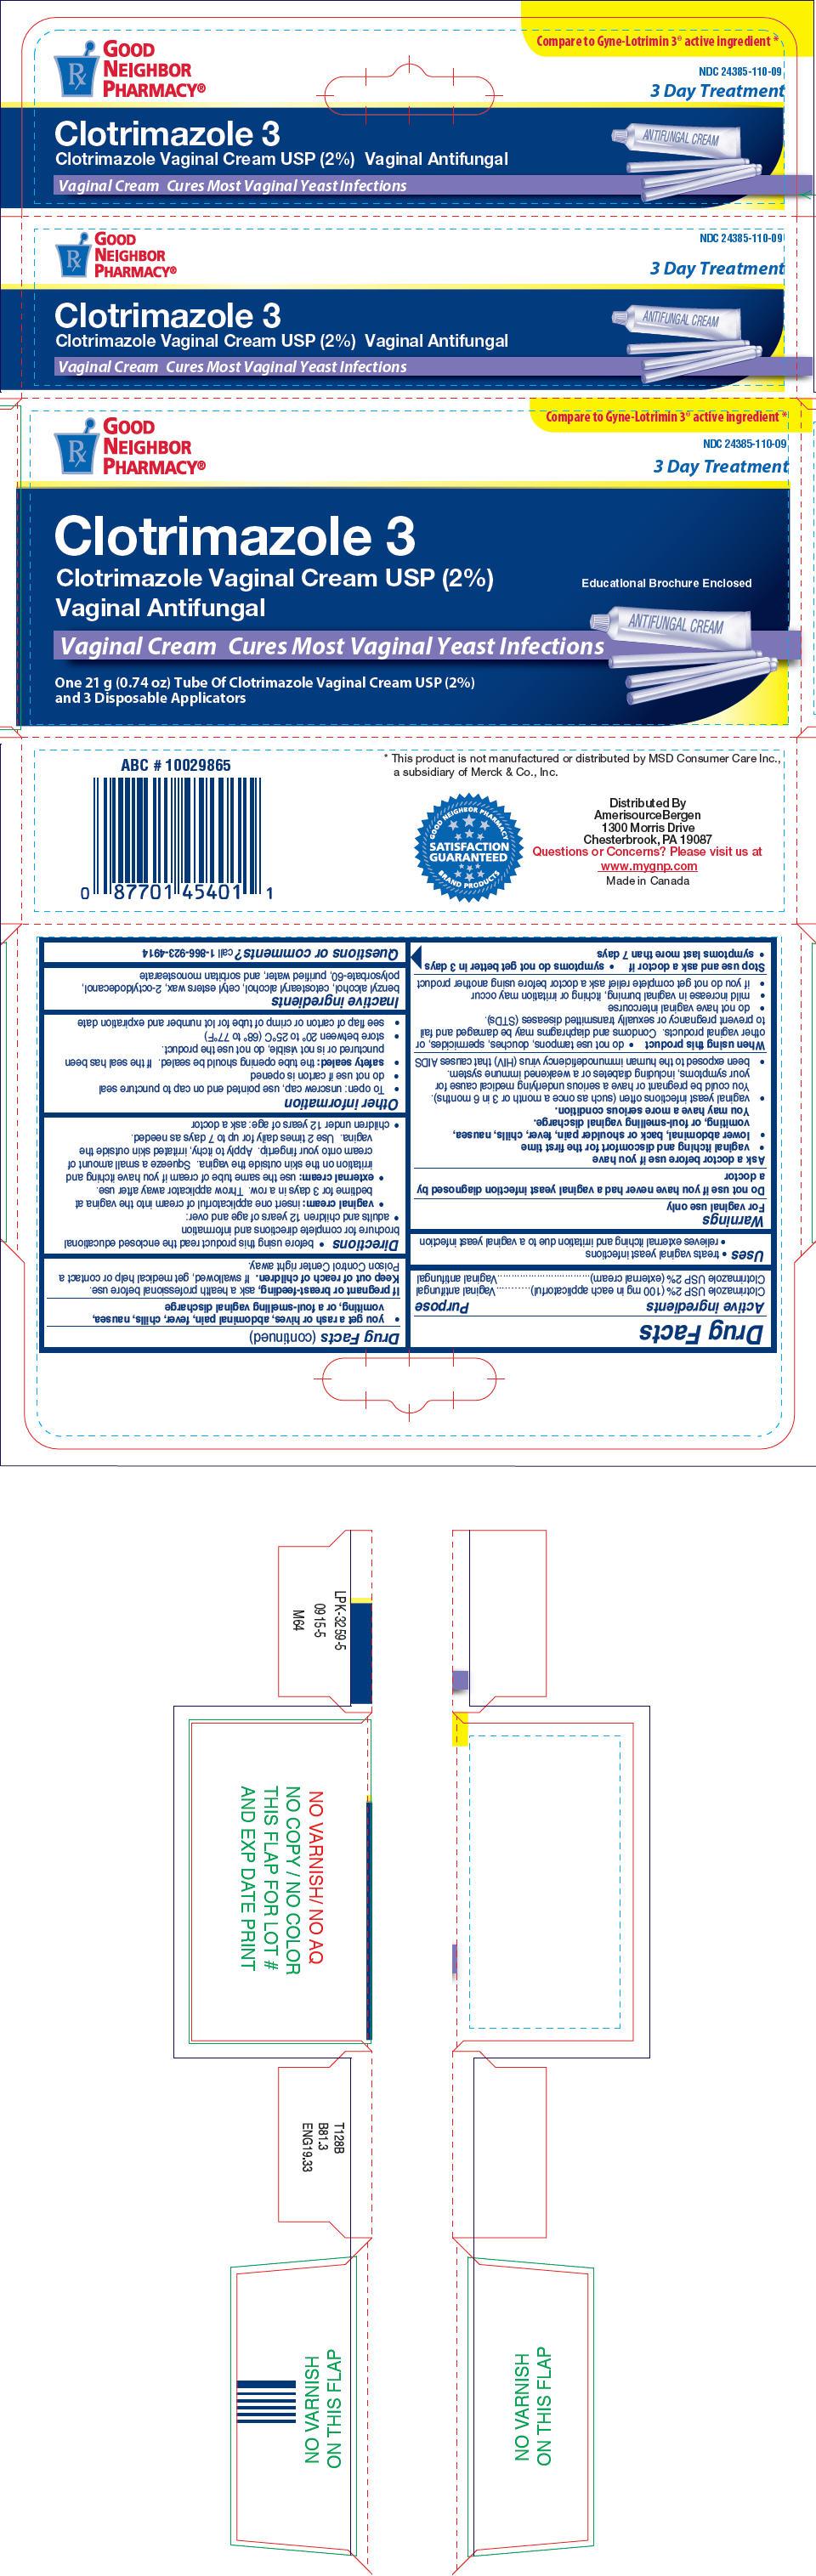 PRINCIPAL DISPLAY PANEL - 21 g Tube Carton